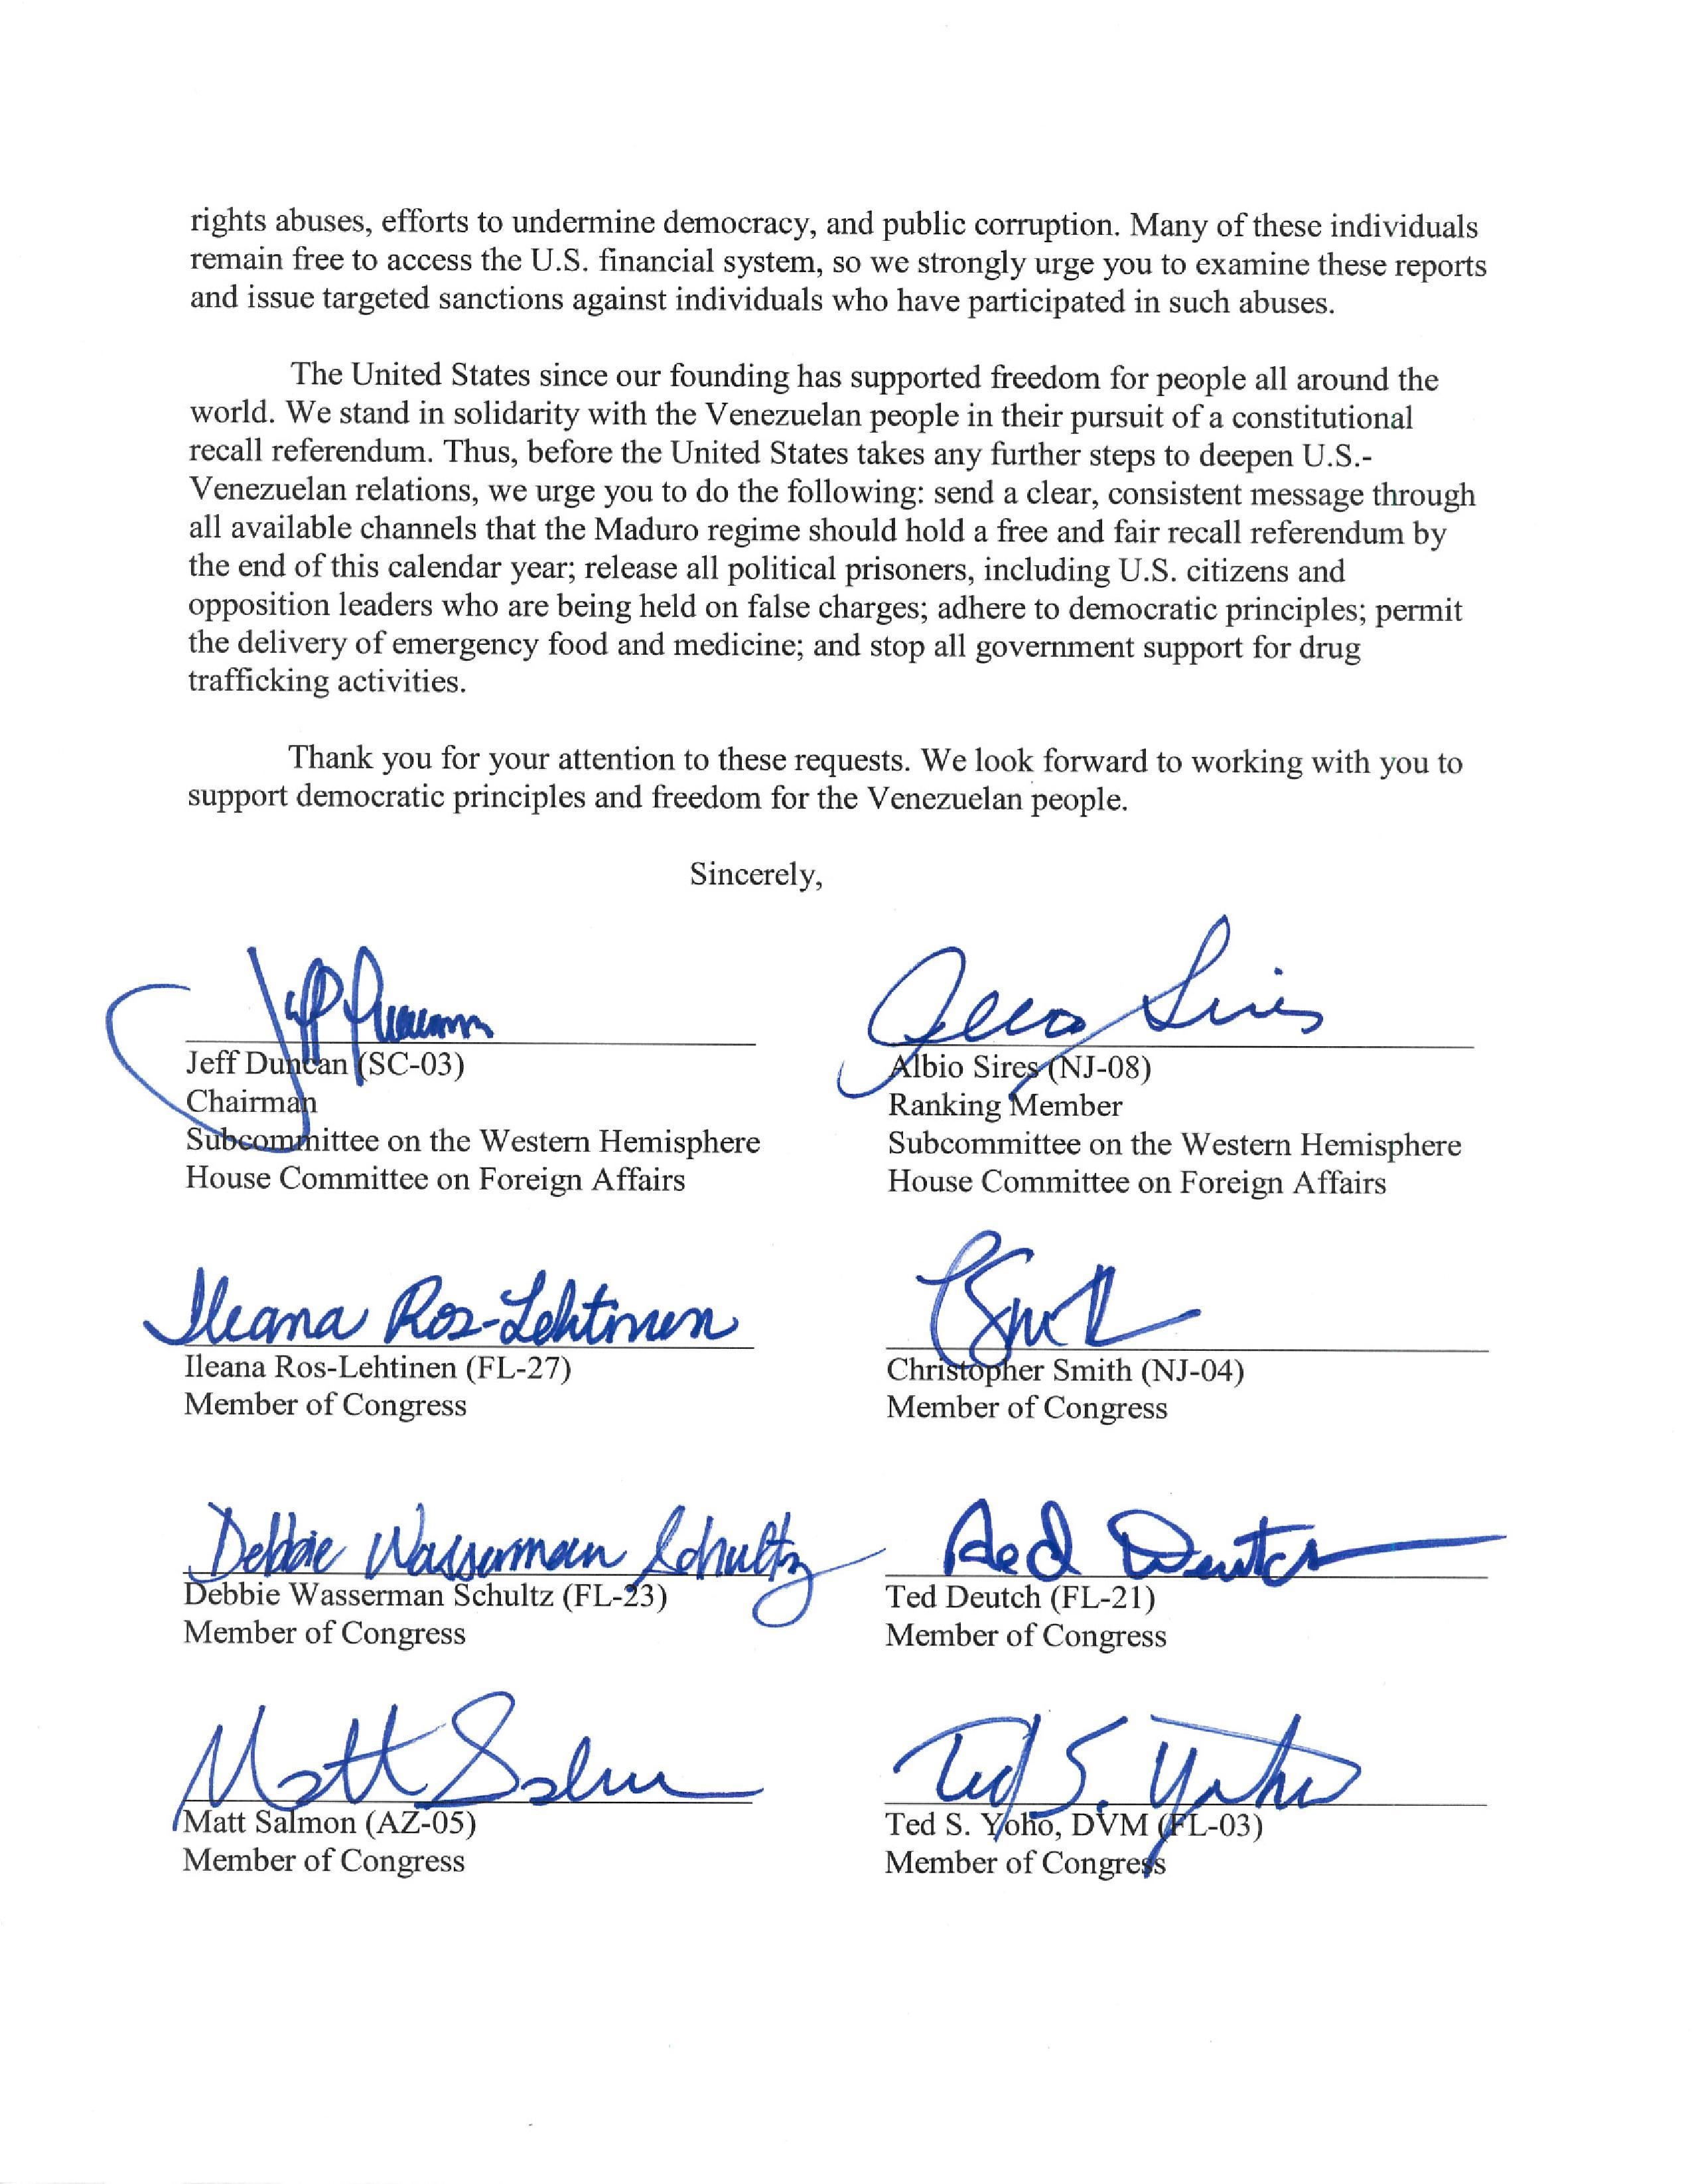 322191578-Mas-de-30-congresistas-piden-que-EEUU-sancione-a-mas-funcionarios-venezolanos-page-002.jpg